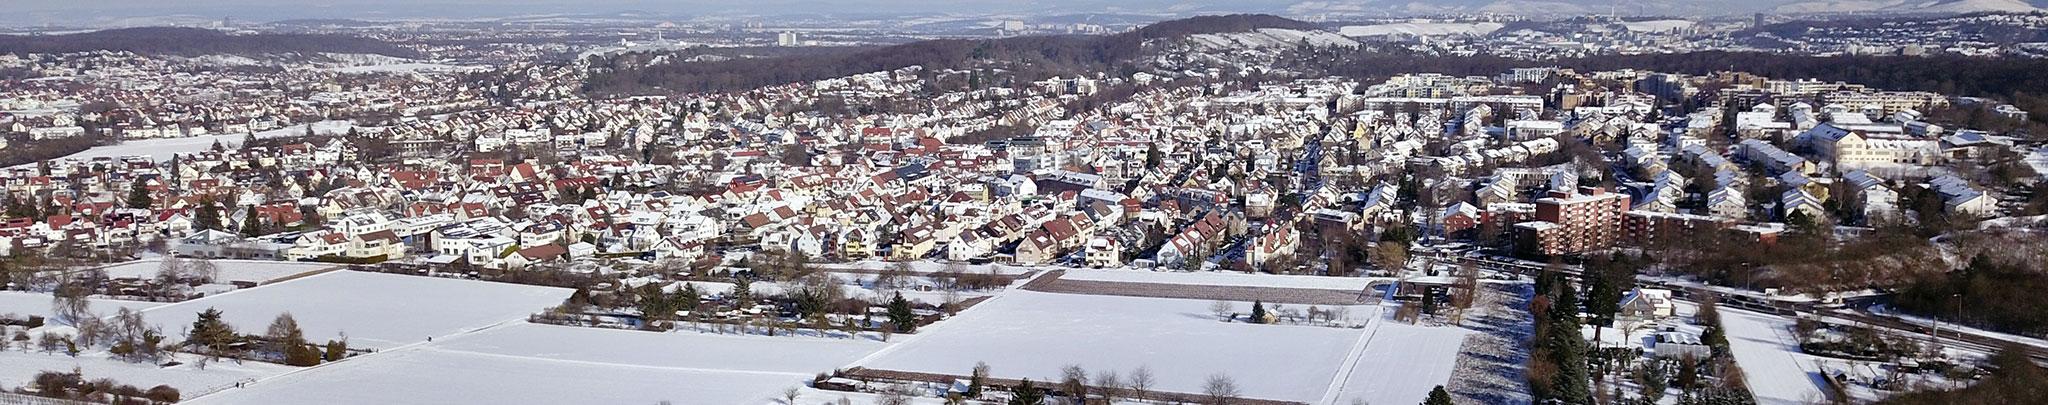 Weilimdorf im Februar 2021, Foto © Hans-Martin Goede